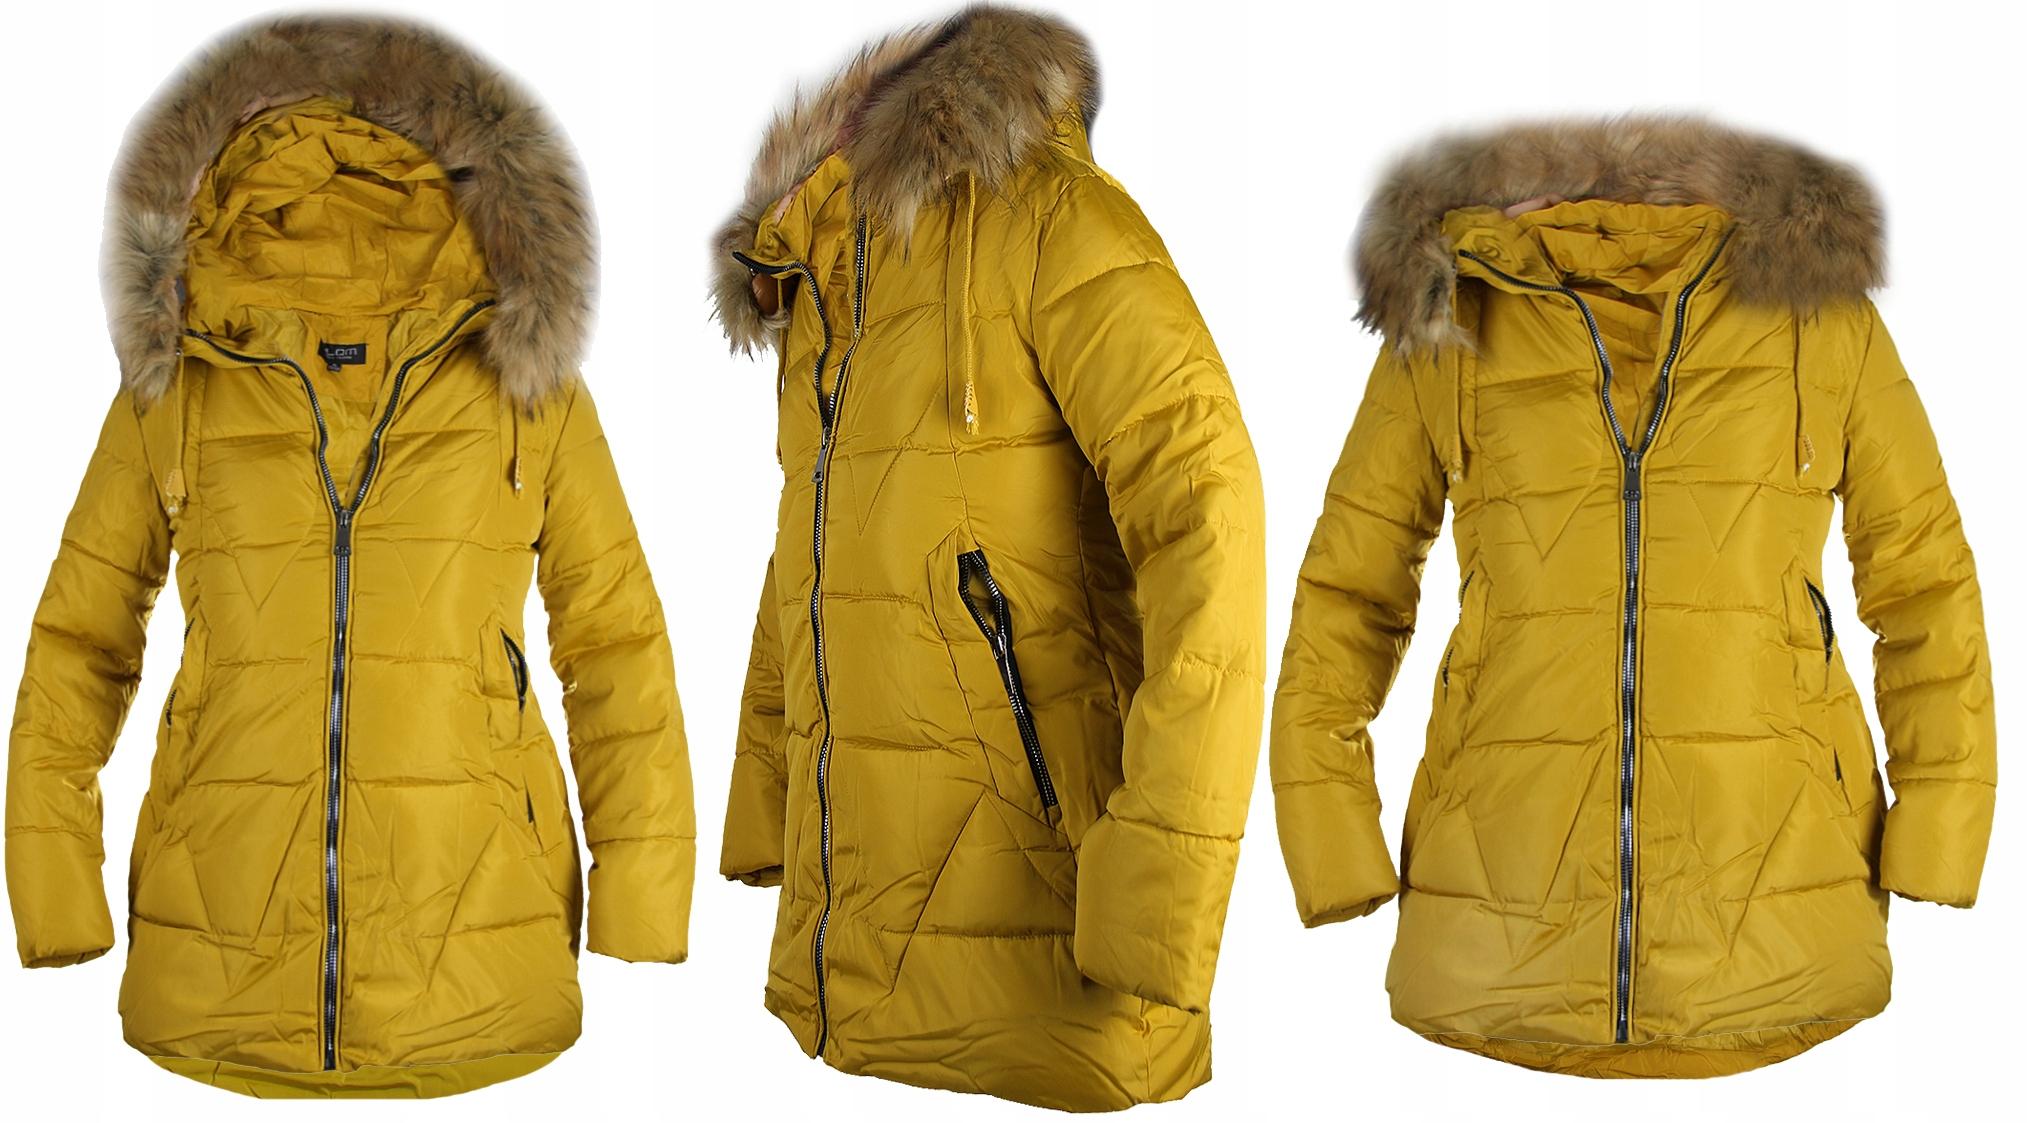 Duze Rozmiary Kurtka Zimowa Damska Plus Size 3xl 10012044736 Allegro Pl